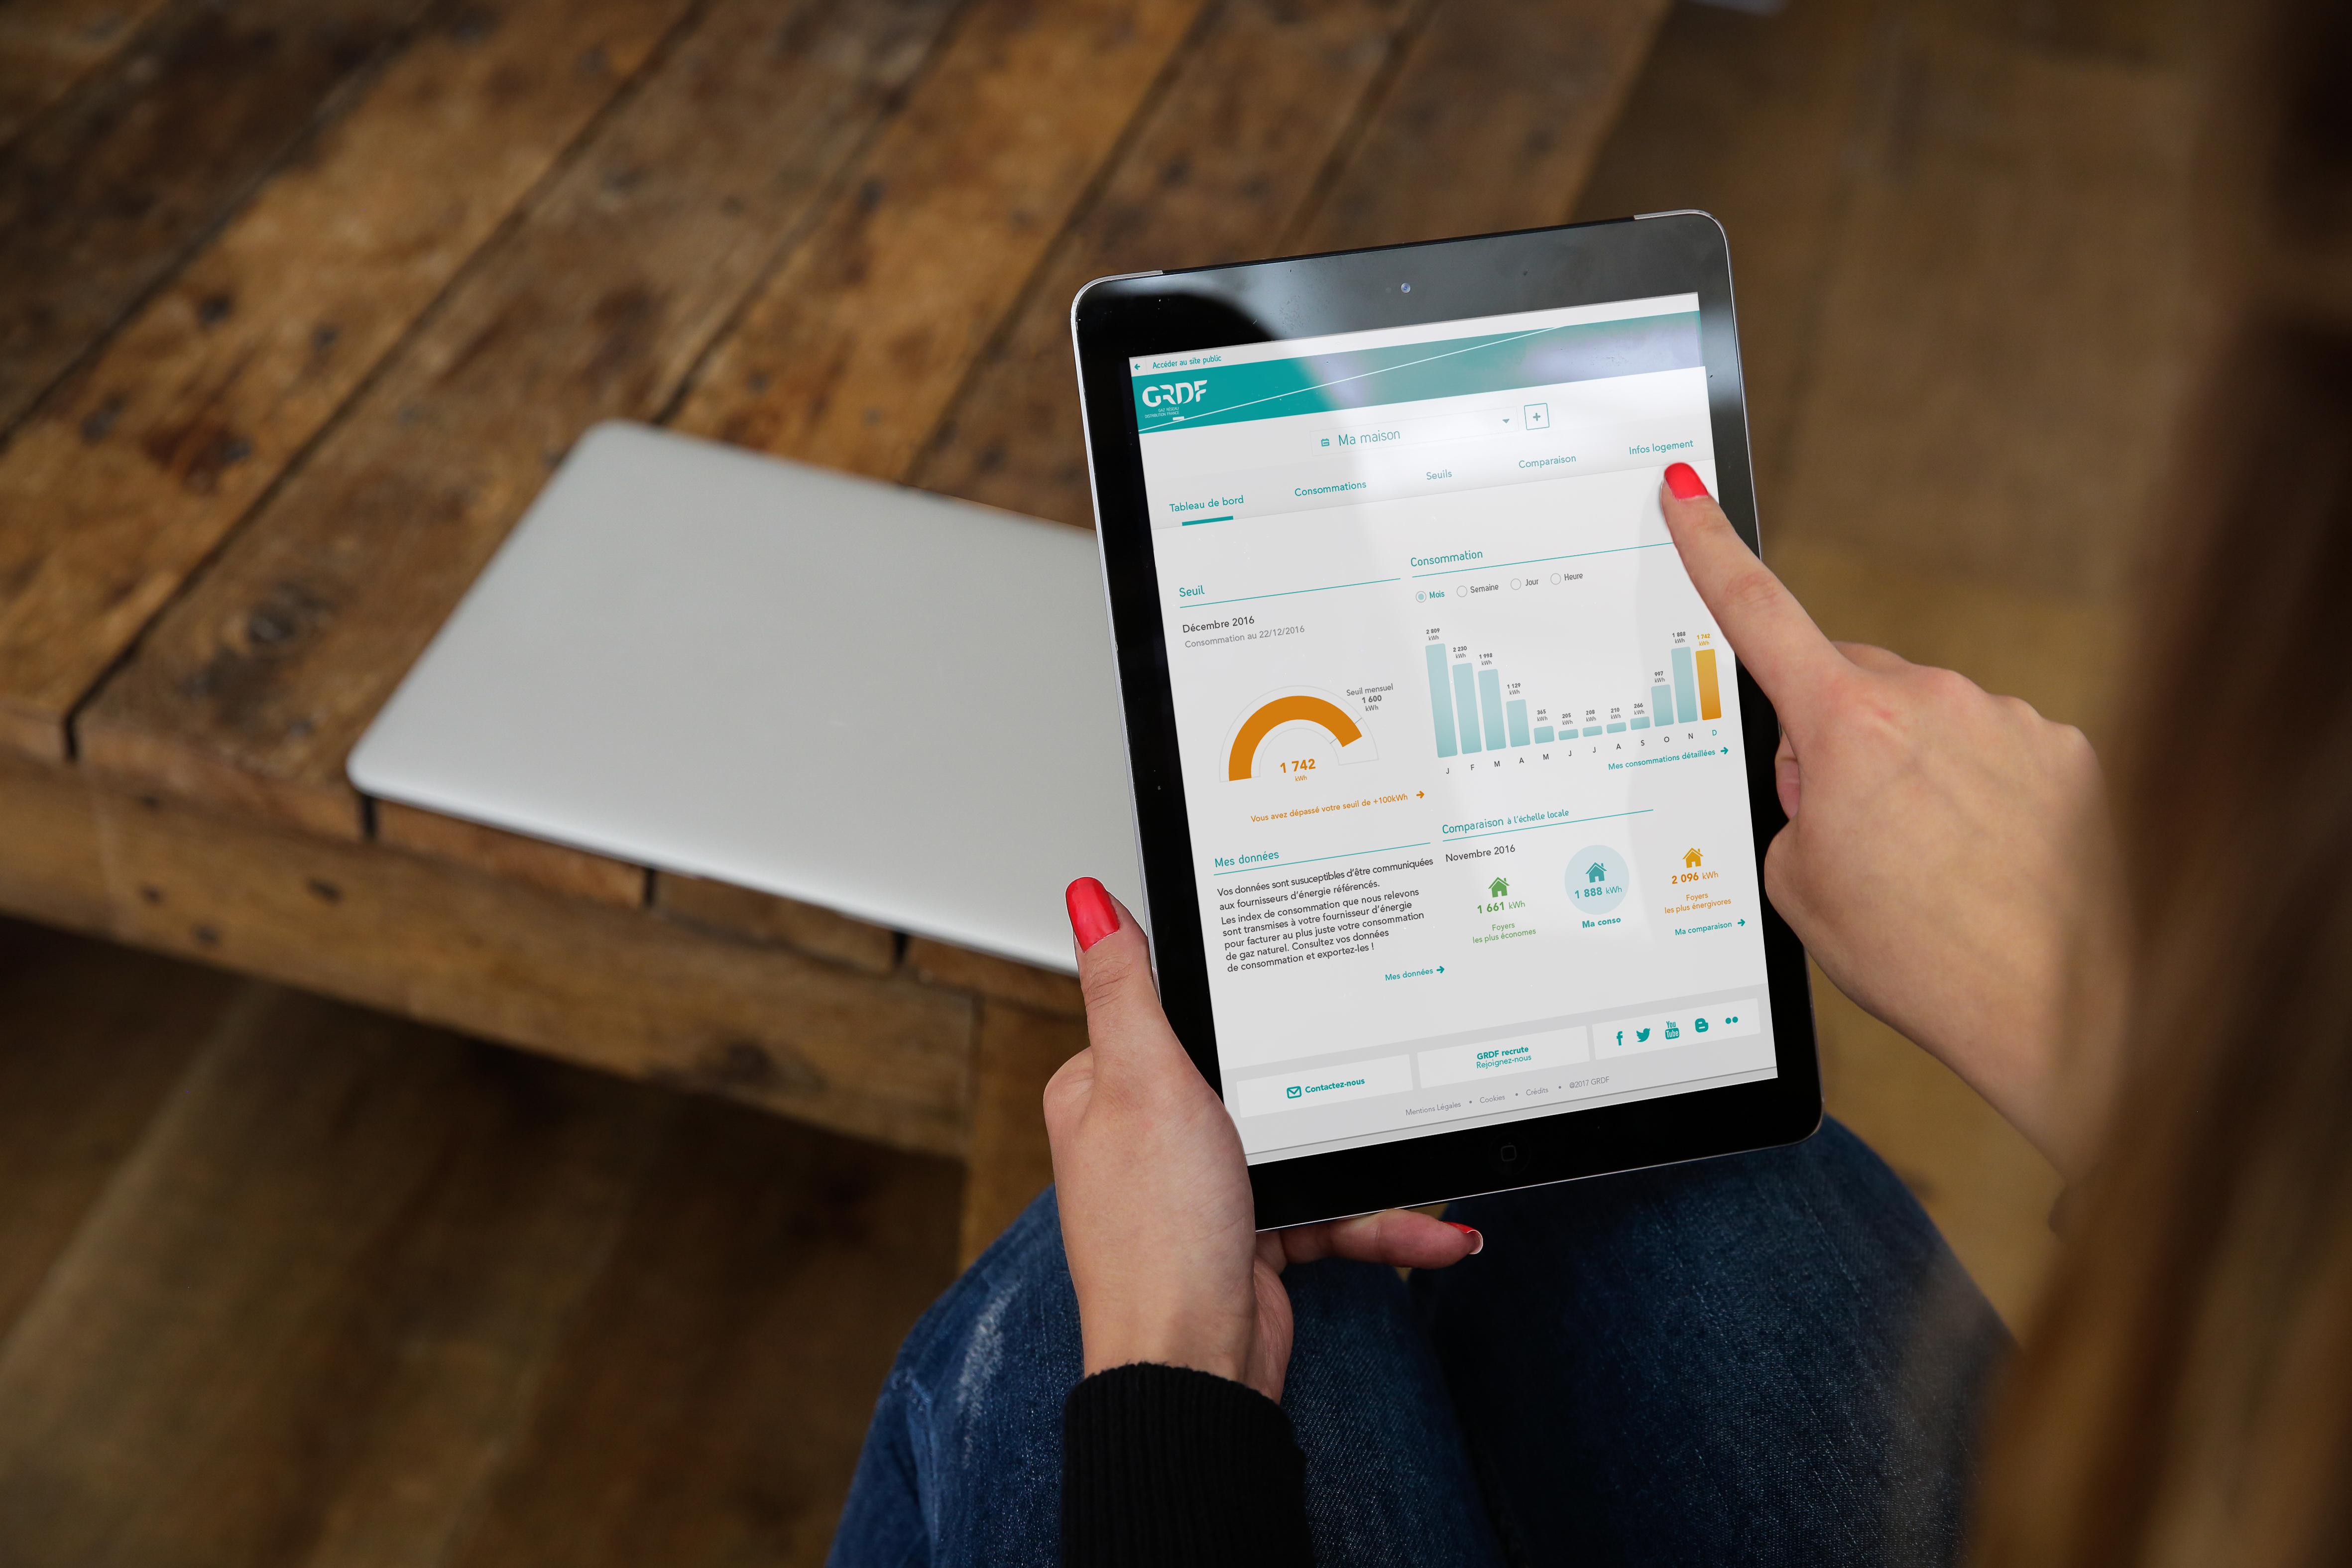 CRAC digital : un compte rendu d'activité digital pour chaque concession